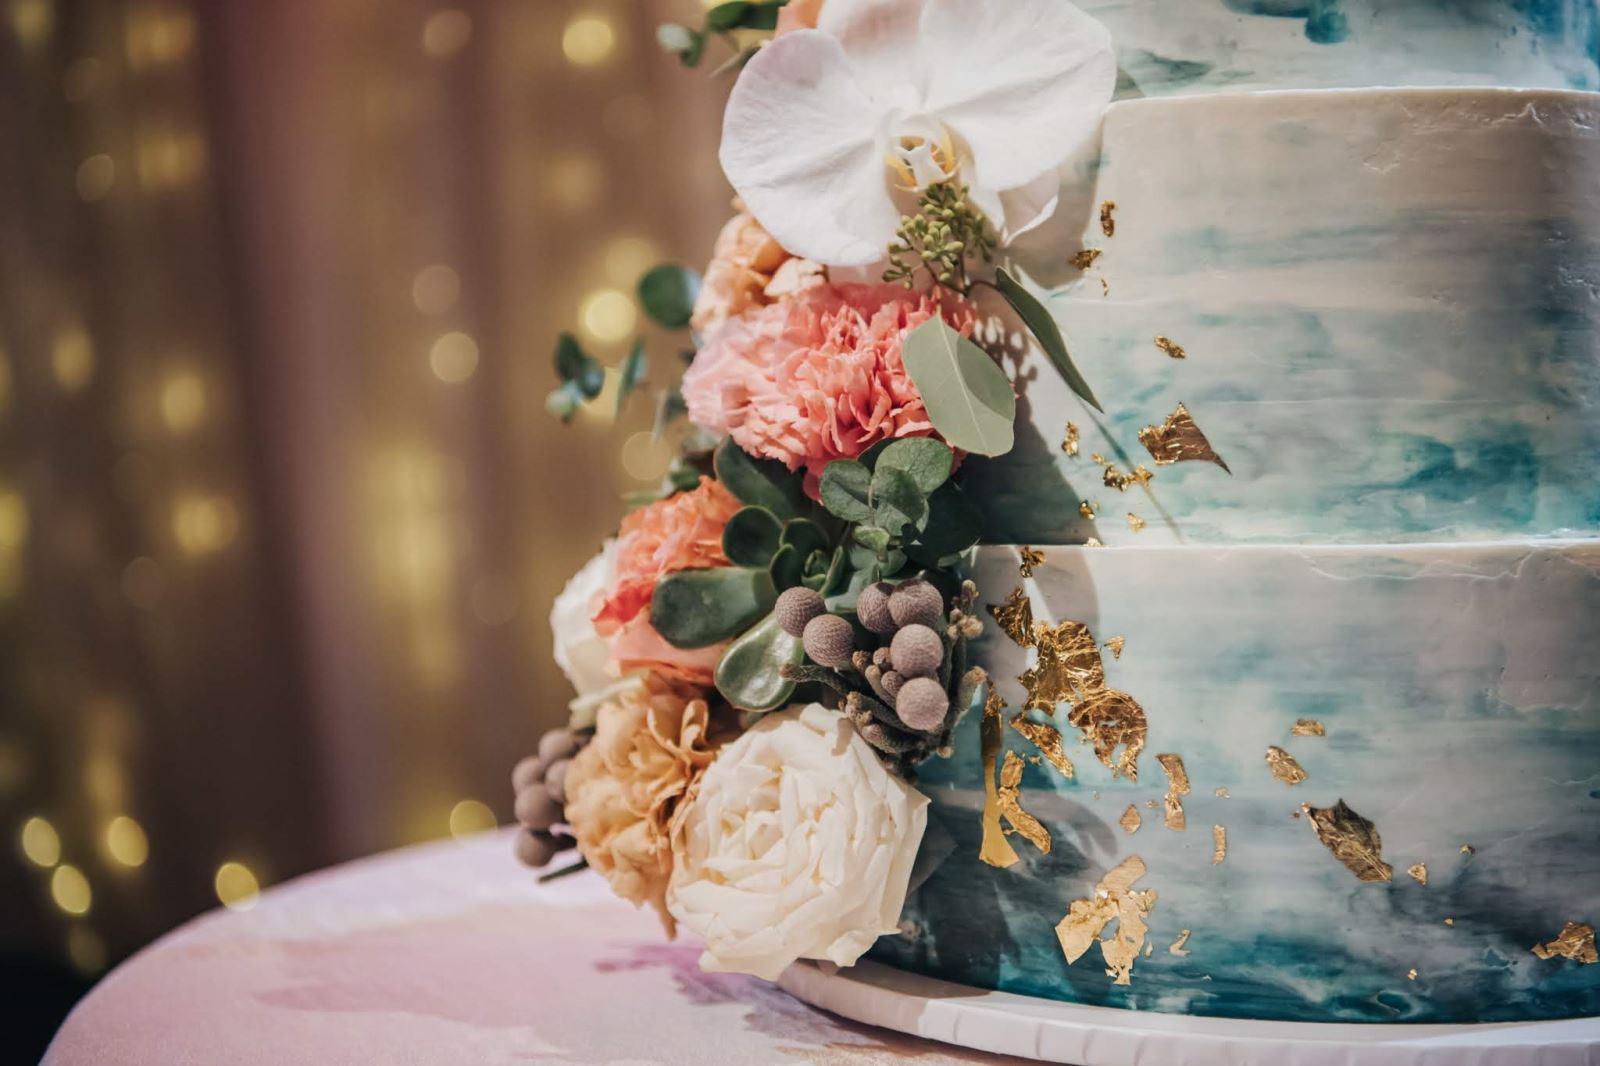 美式婚禮流行的金箔結婚蛋糕